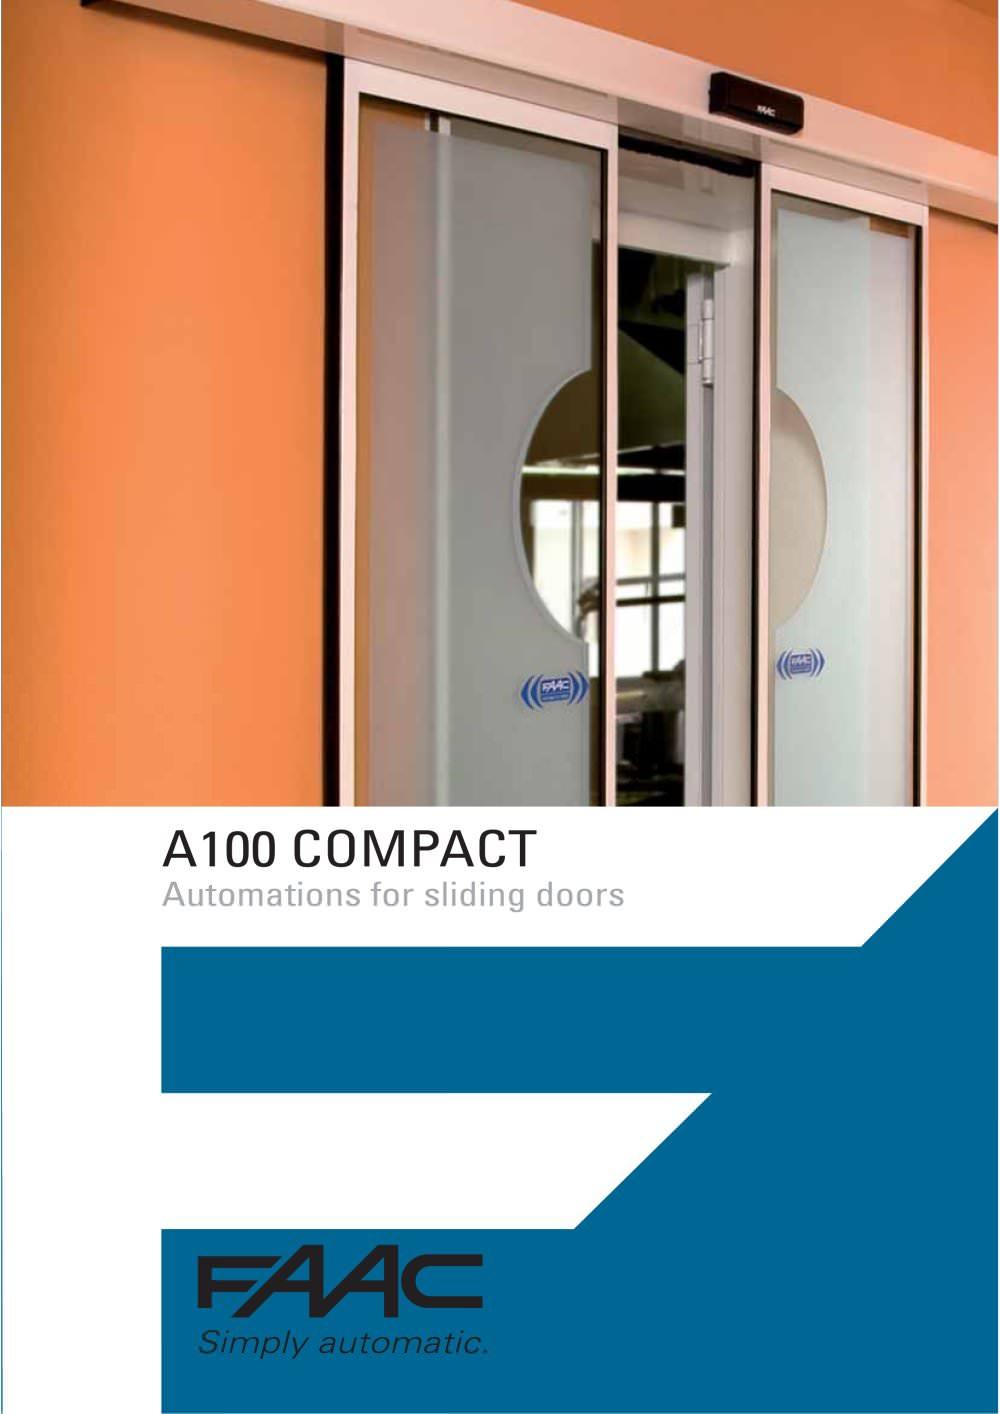 Sliding door s800 - Automatic Door A100 1 6 Pages